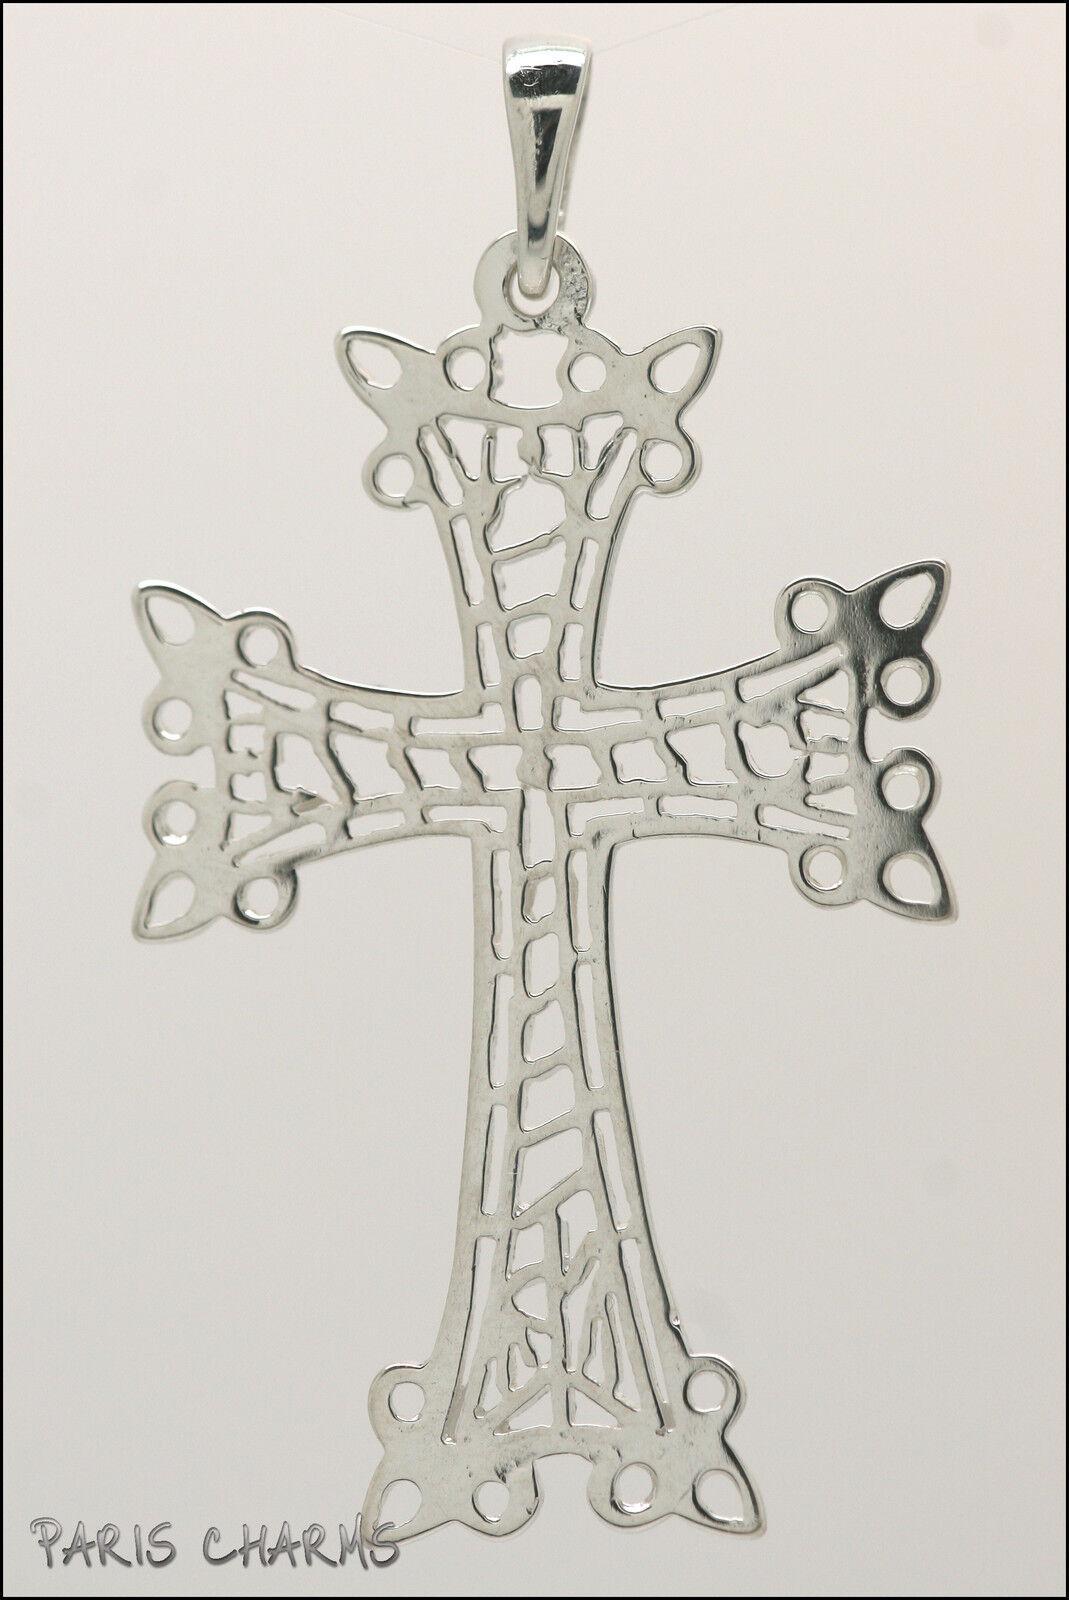 Croix arménienne en argento massif ajourée ajourée ajourée - Arménie eccd72